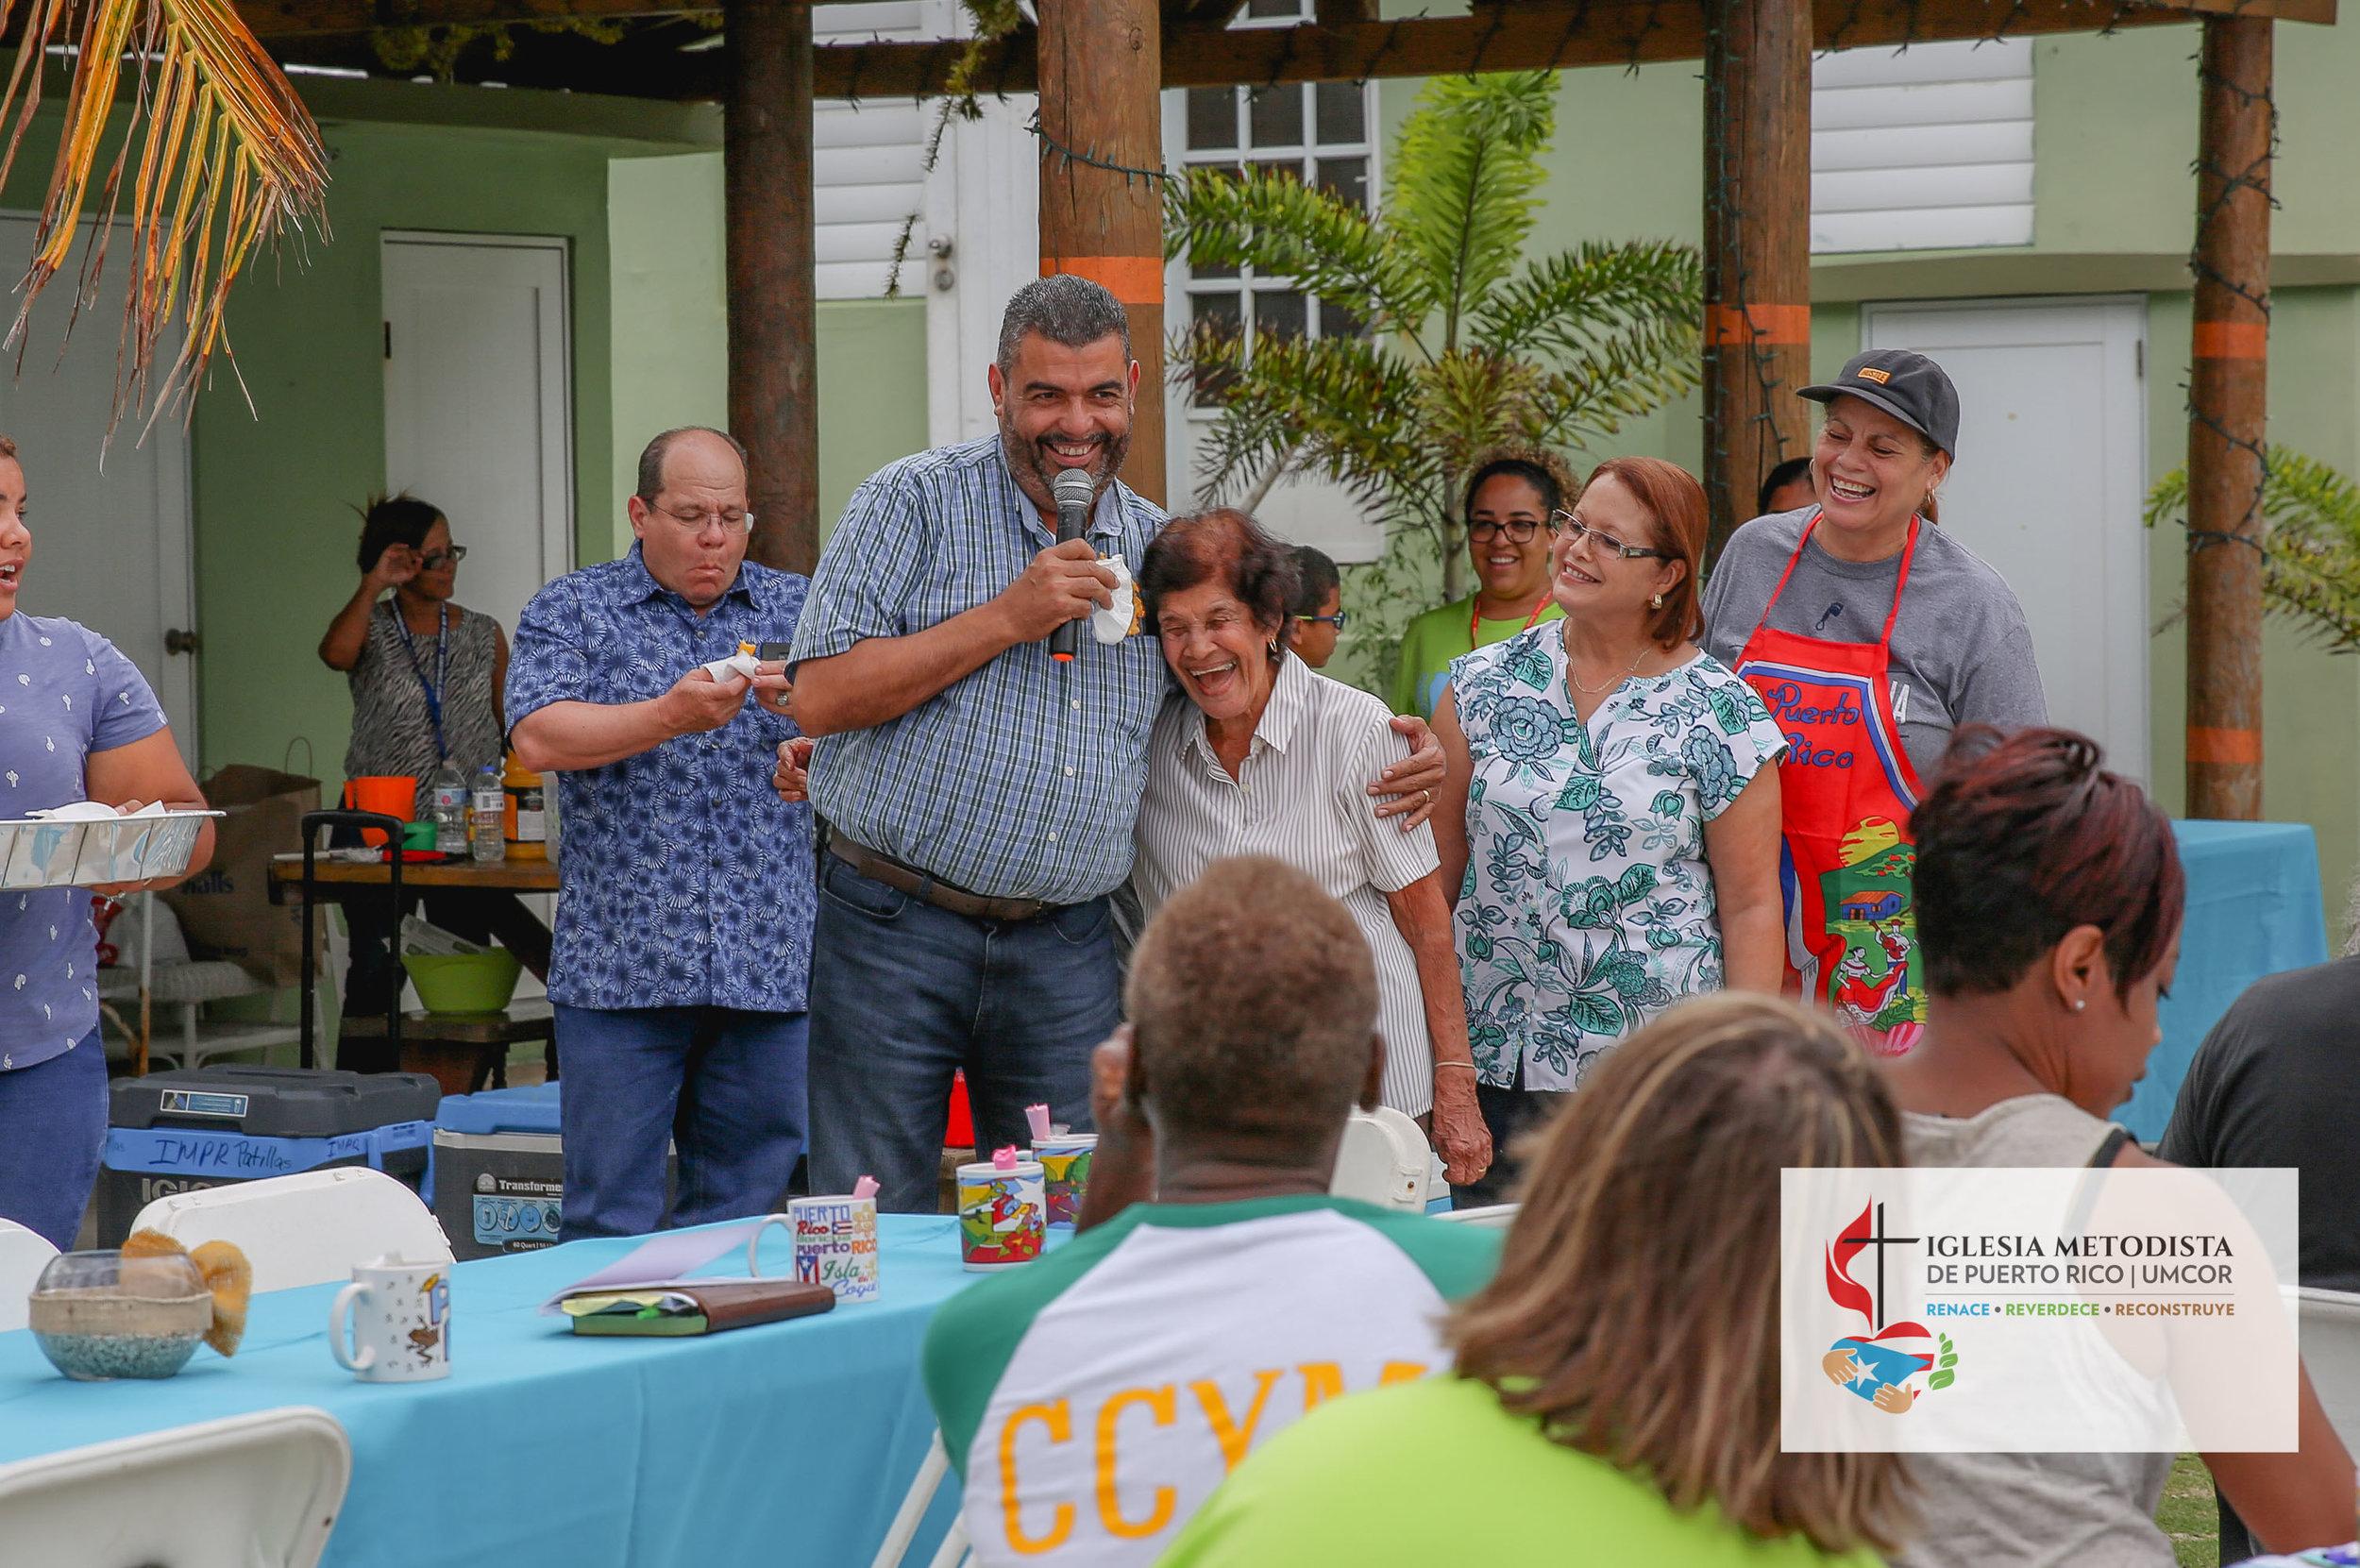 Fotos Despedida Misioneros_Patillas-ESG56879.JPG